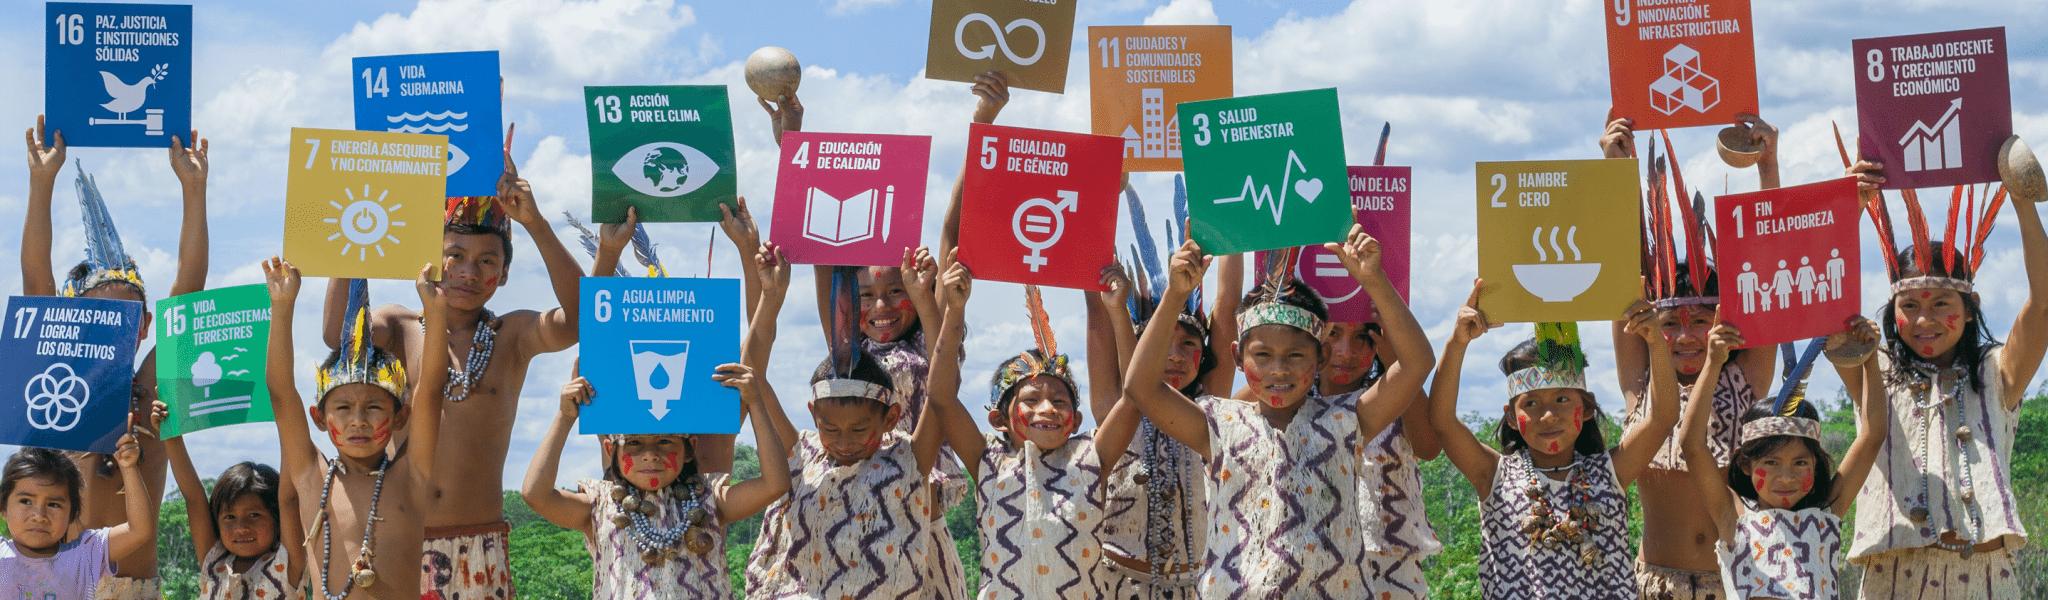 Agenda 2030 para el Desarrollo Sostenible: un compromiso global.